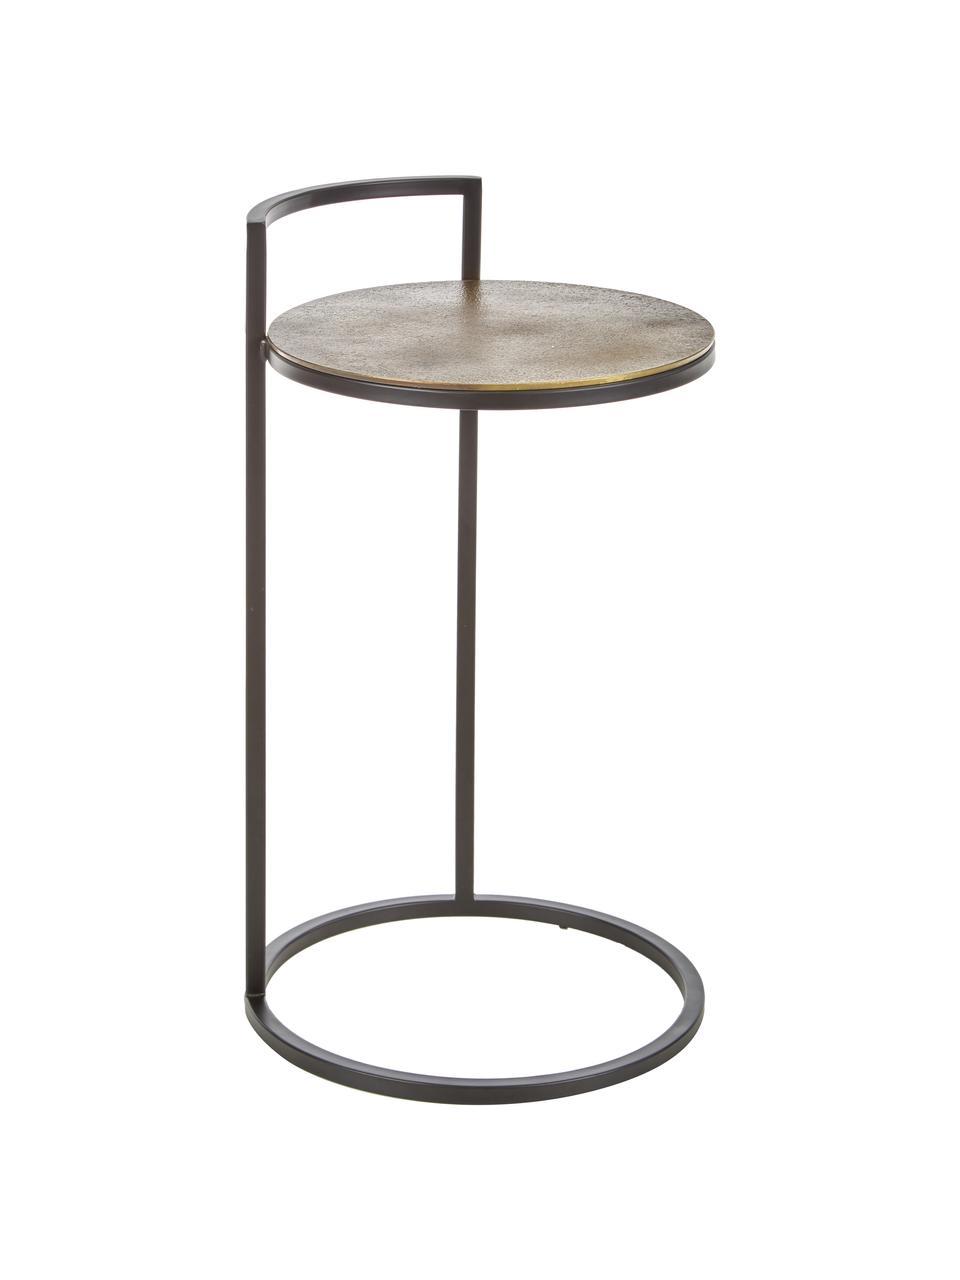 Ronde bijzettafel Circle van metaal, Tafelblad: gecoat metaal, Frame: gelakt metaal, Goudkleurig, zwart, Ø 35 x H 66 cm